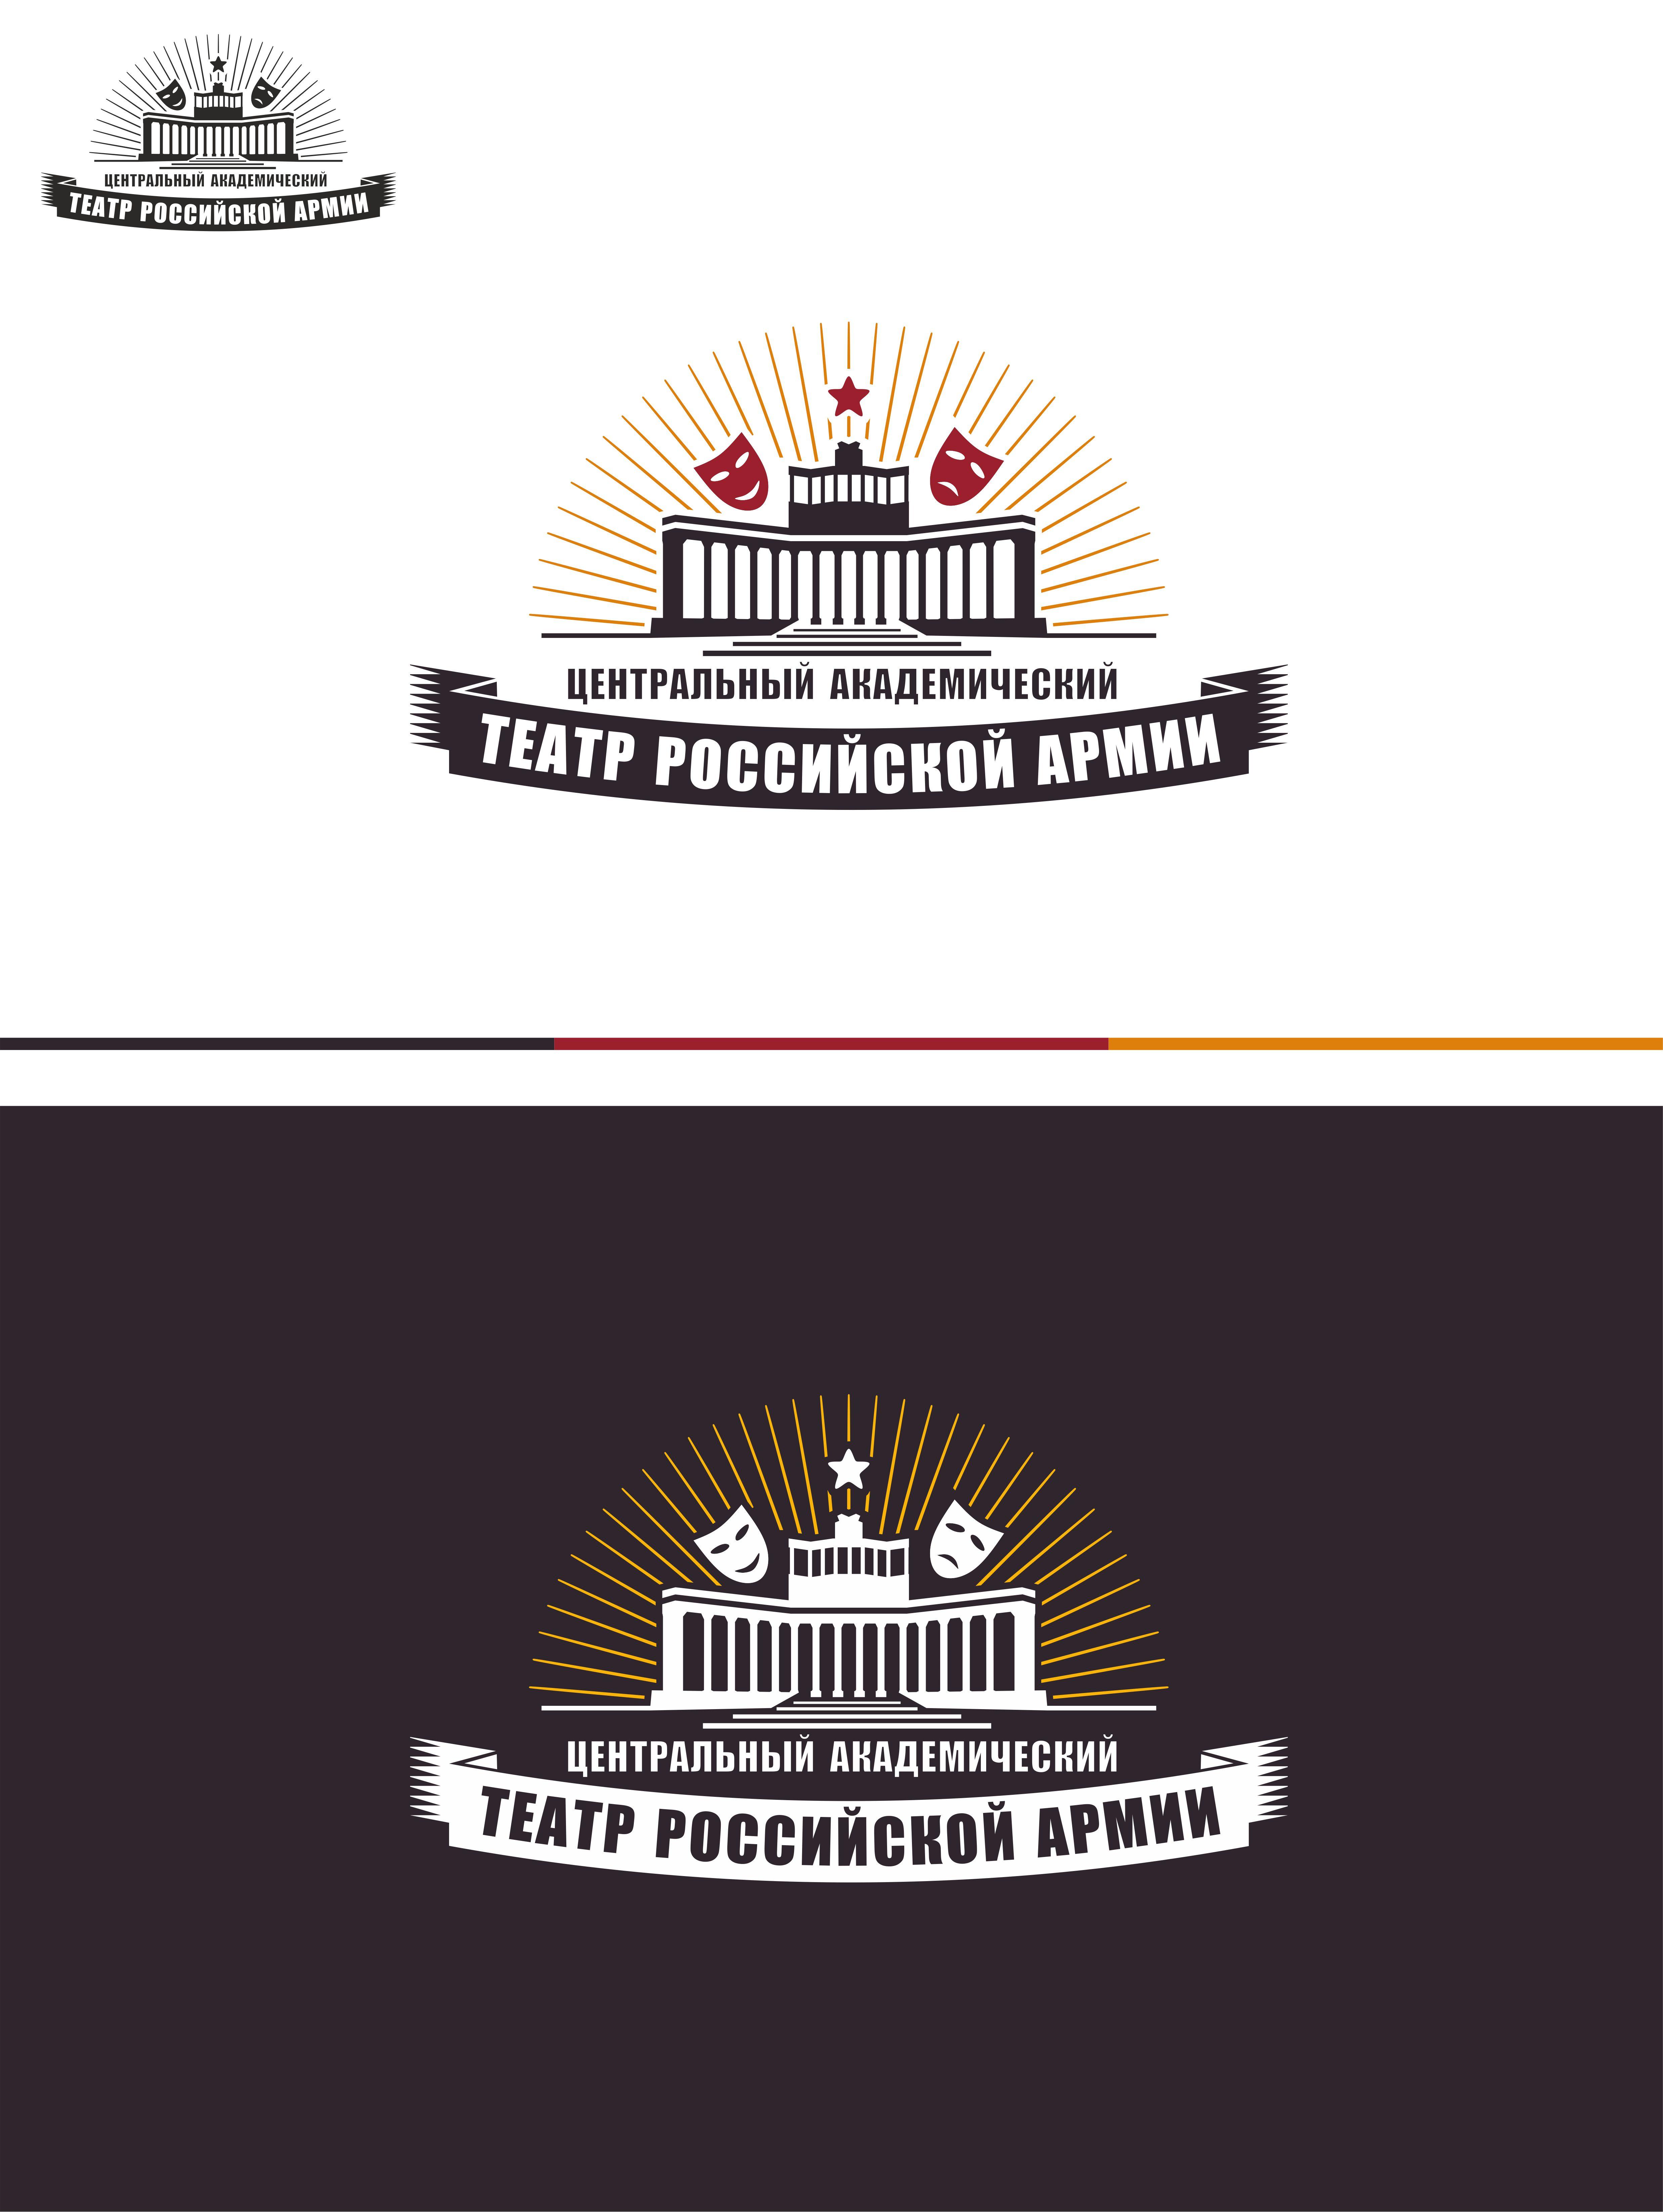 Разработка логотипа для Театра Российской Армии фото f_139588ce813282b0.jpg